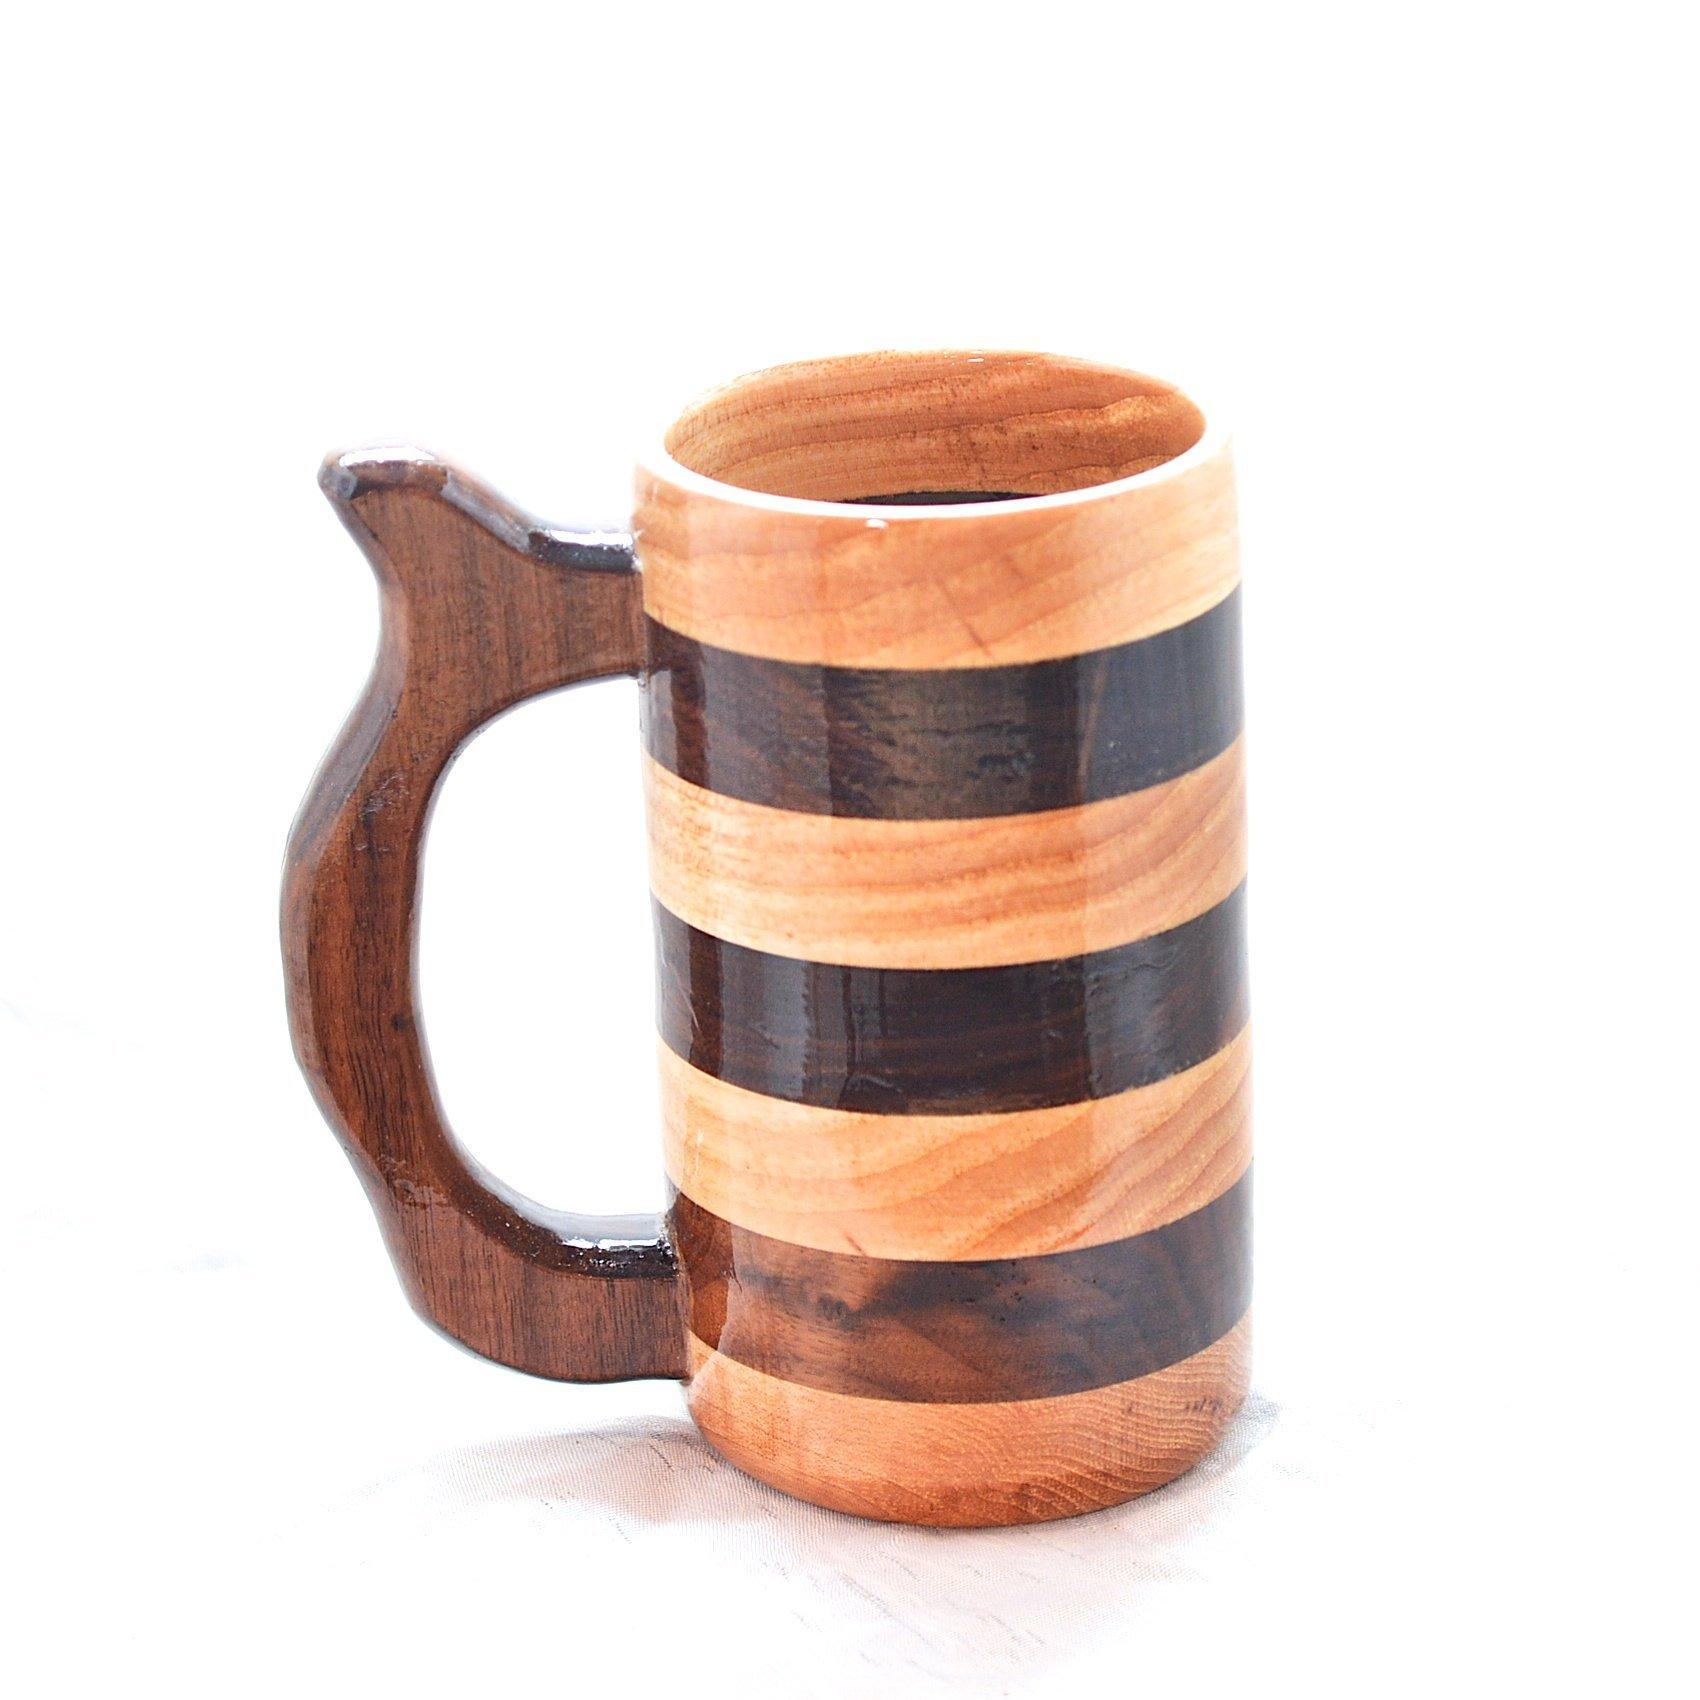 12 Ounce Hickory and Walnut Beer Mug, Beer Stein, Wood Tankard, Wooden Mug, Drinking Mug, Coffee Mug